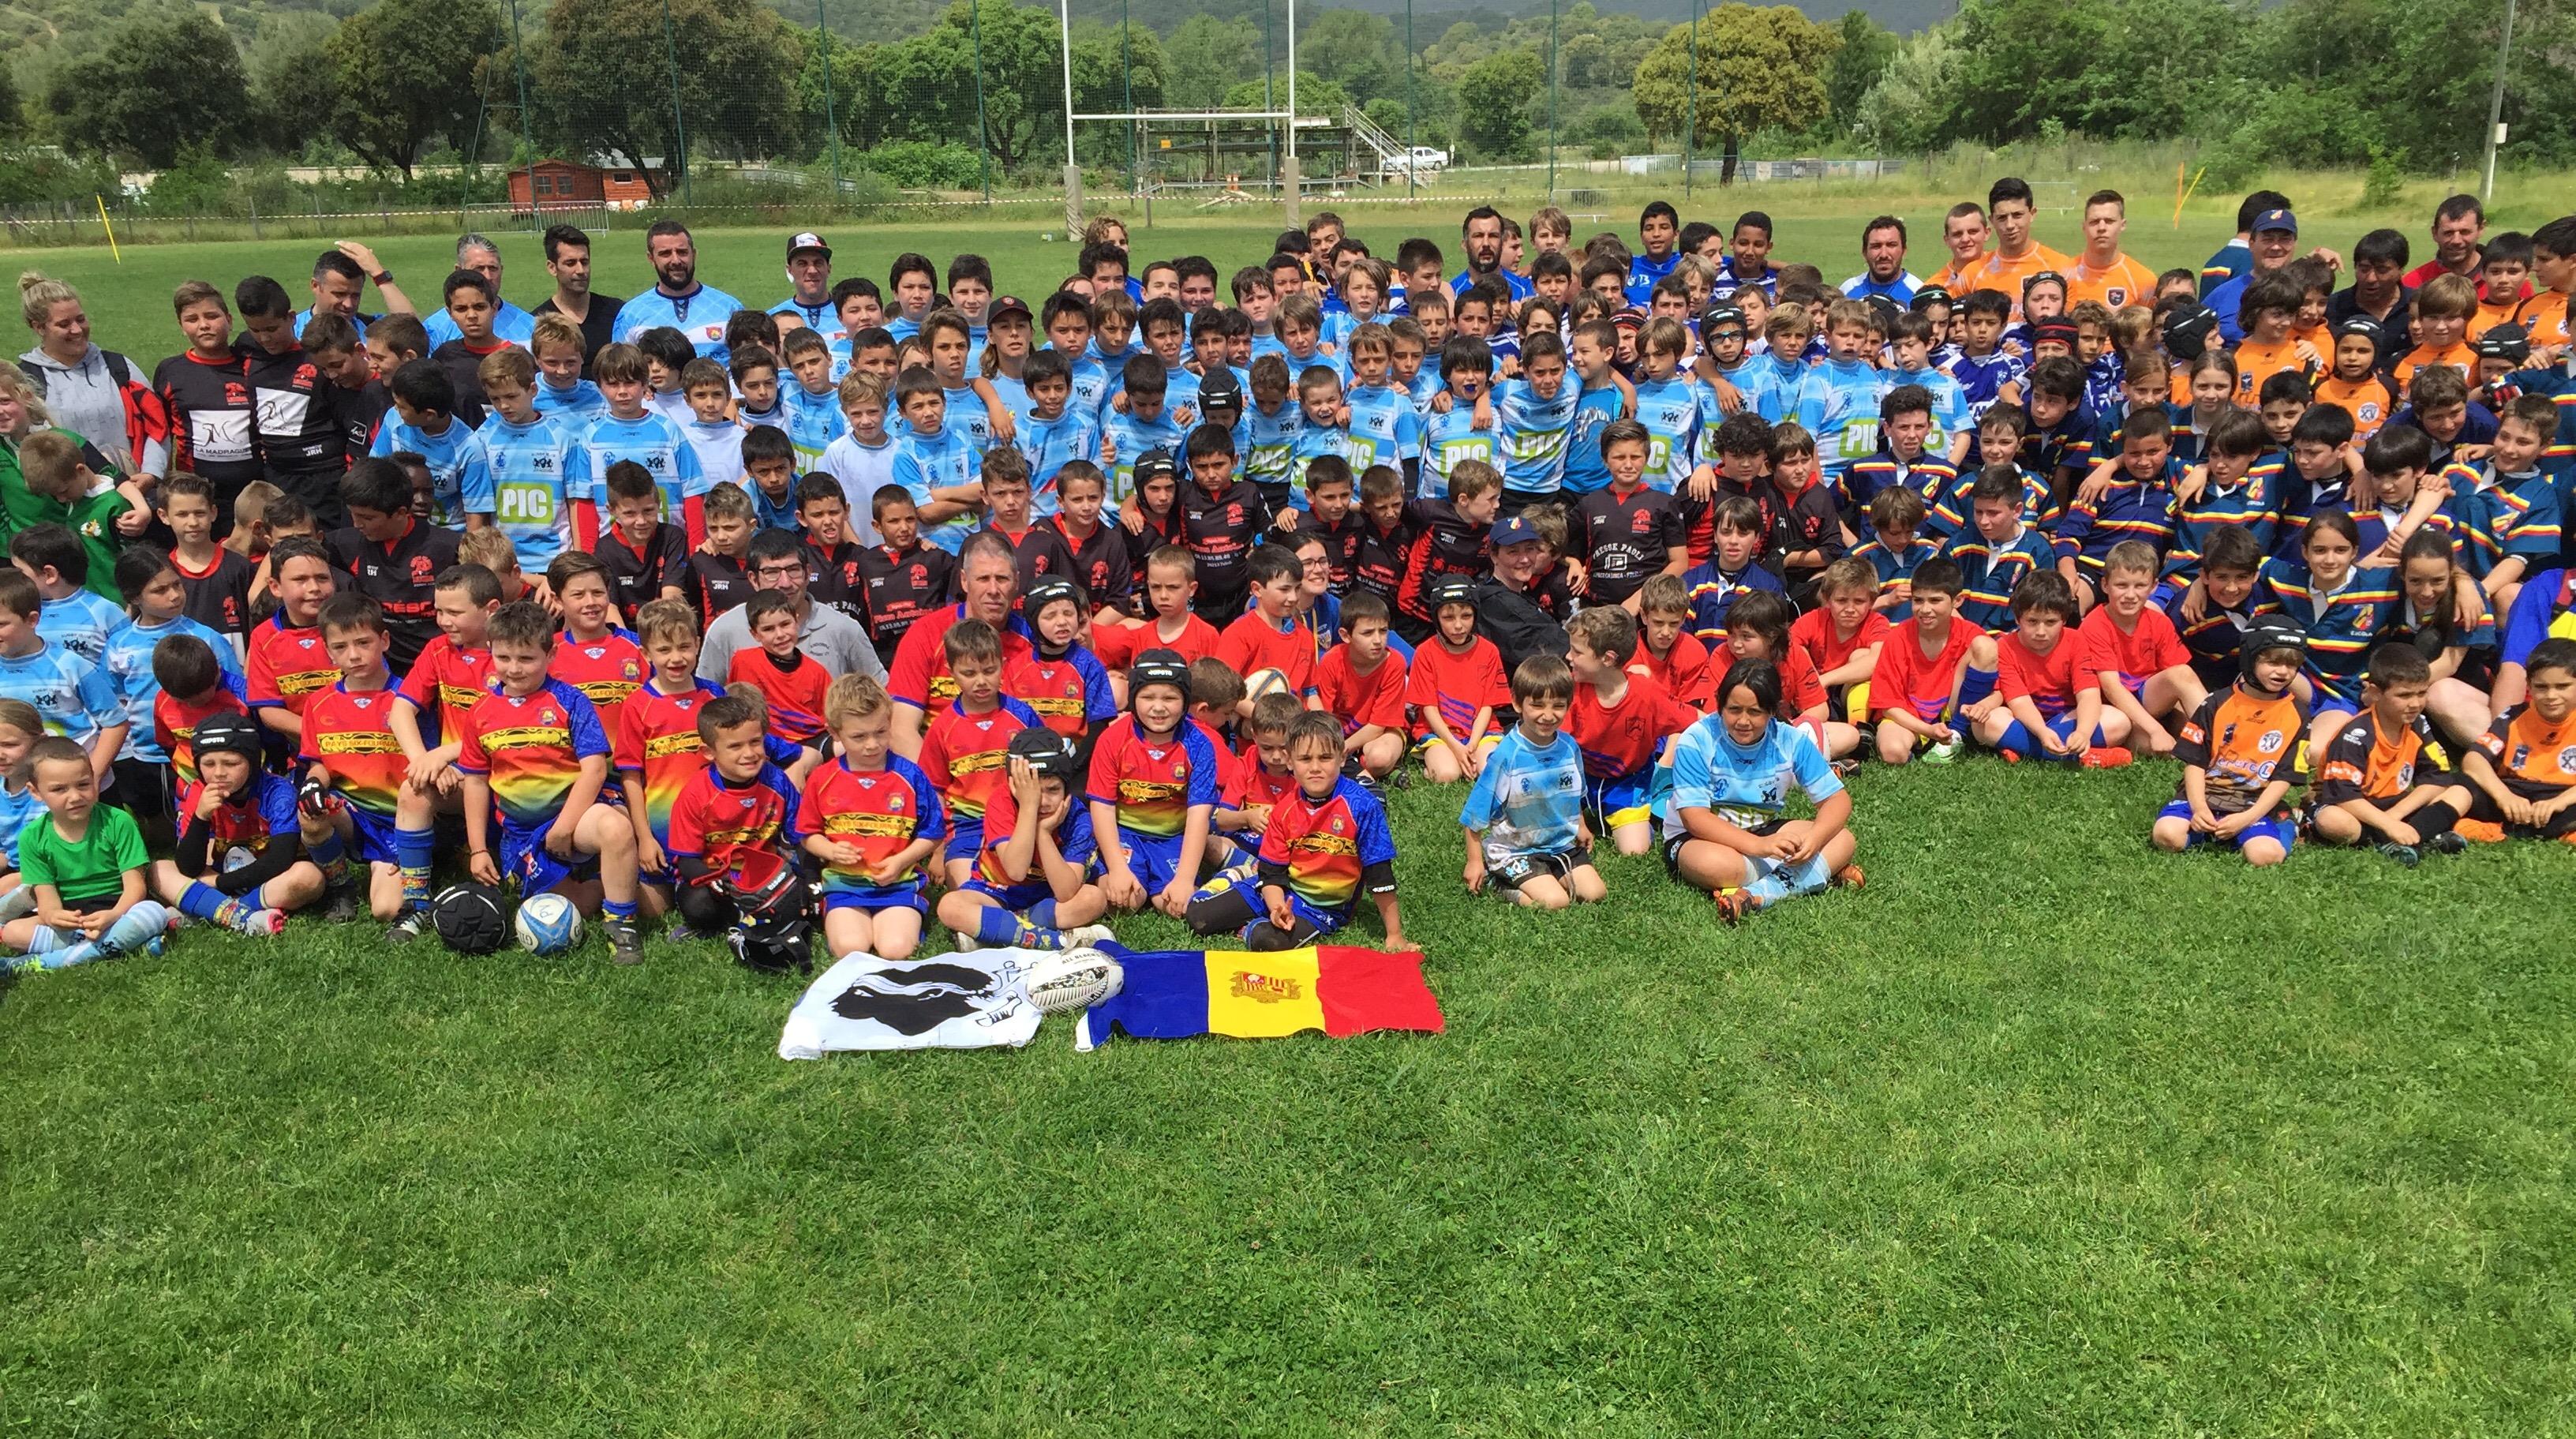 Tournoi de rugby I Piulelli : Ajaccio, Bastia et Six Fours sur le podium….